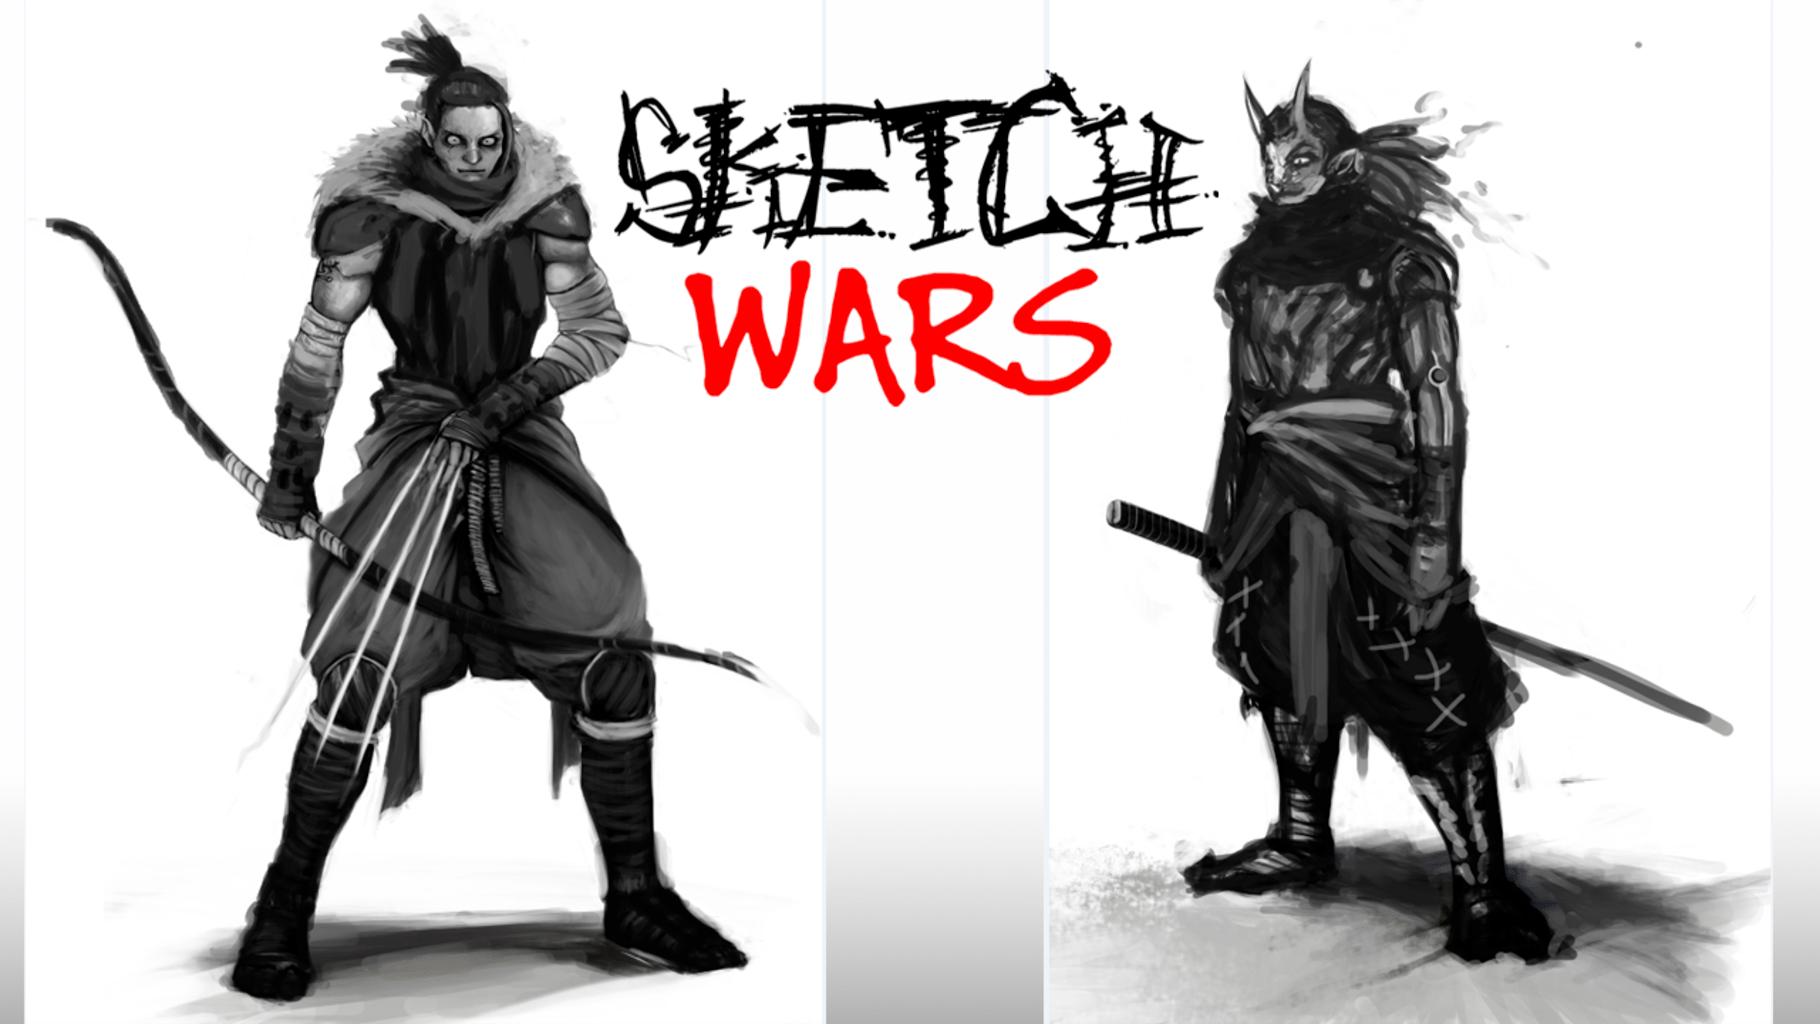 buy Sketch Wars cd key for all platform